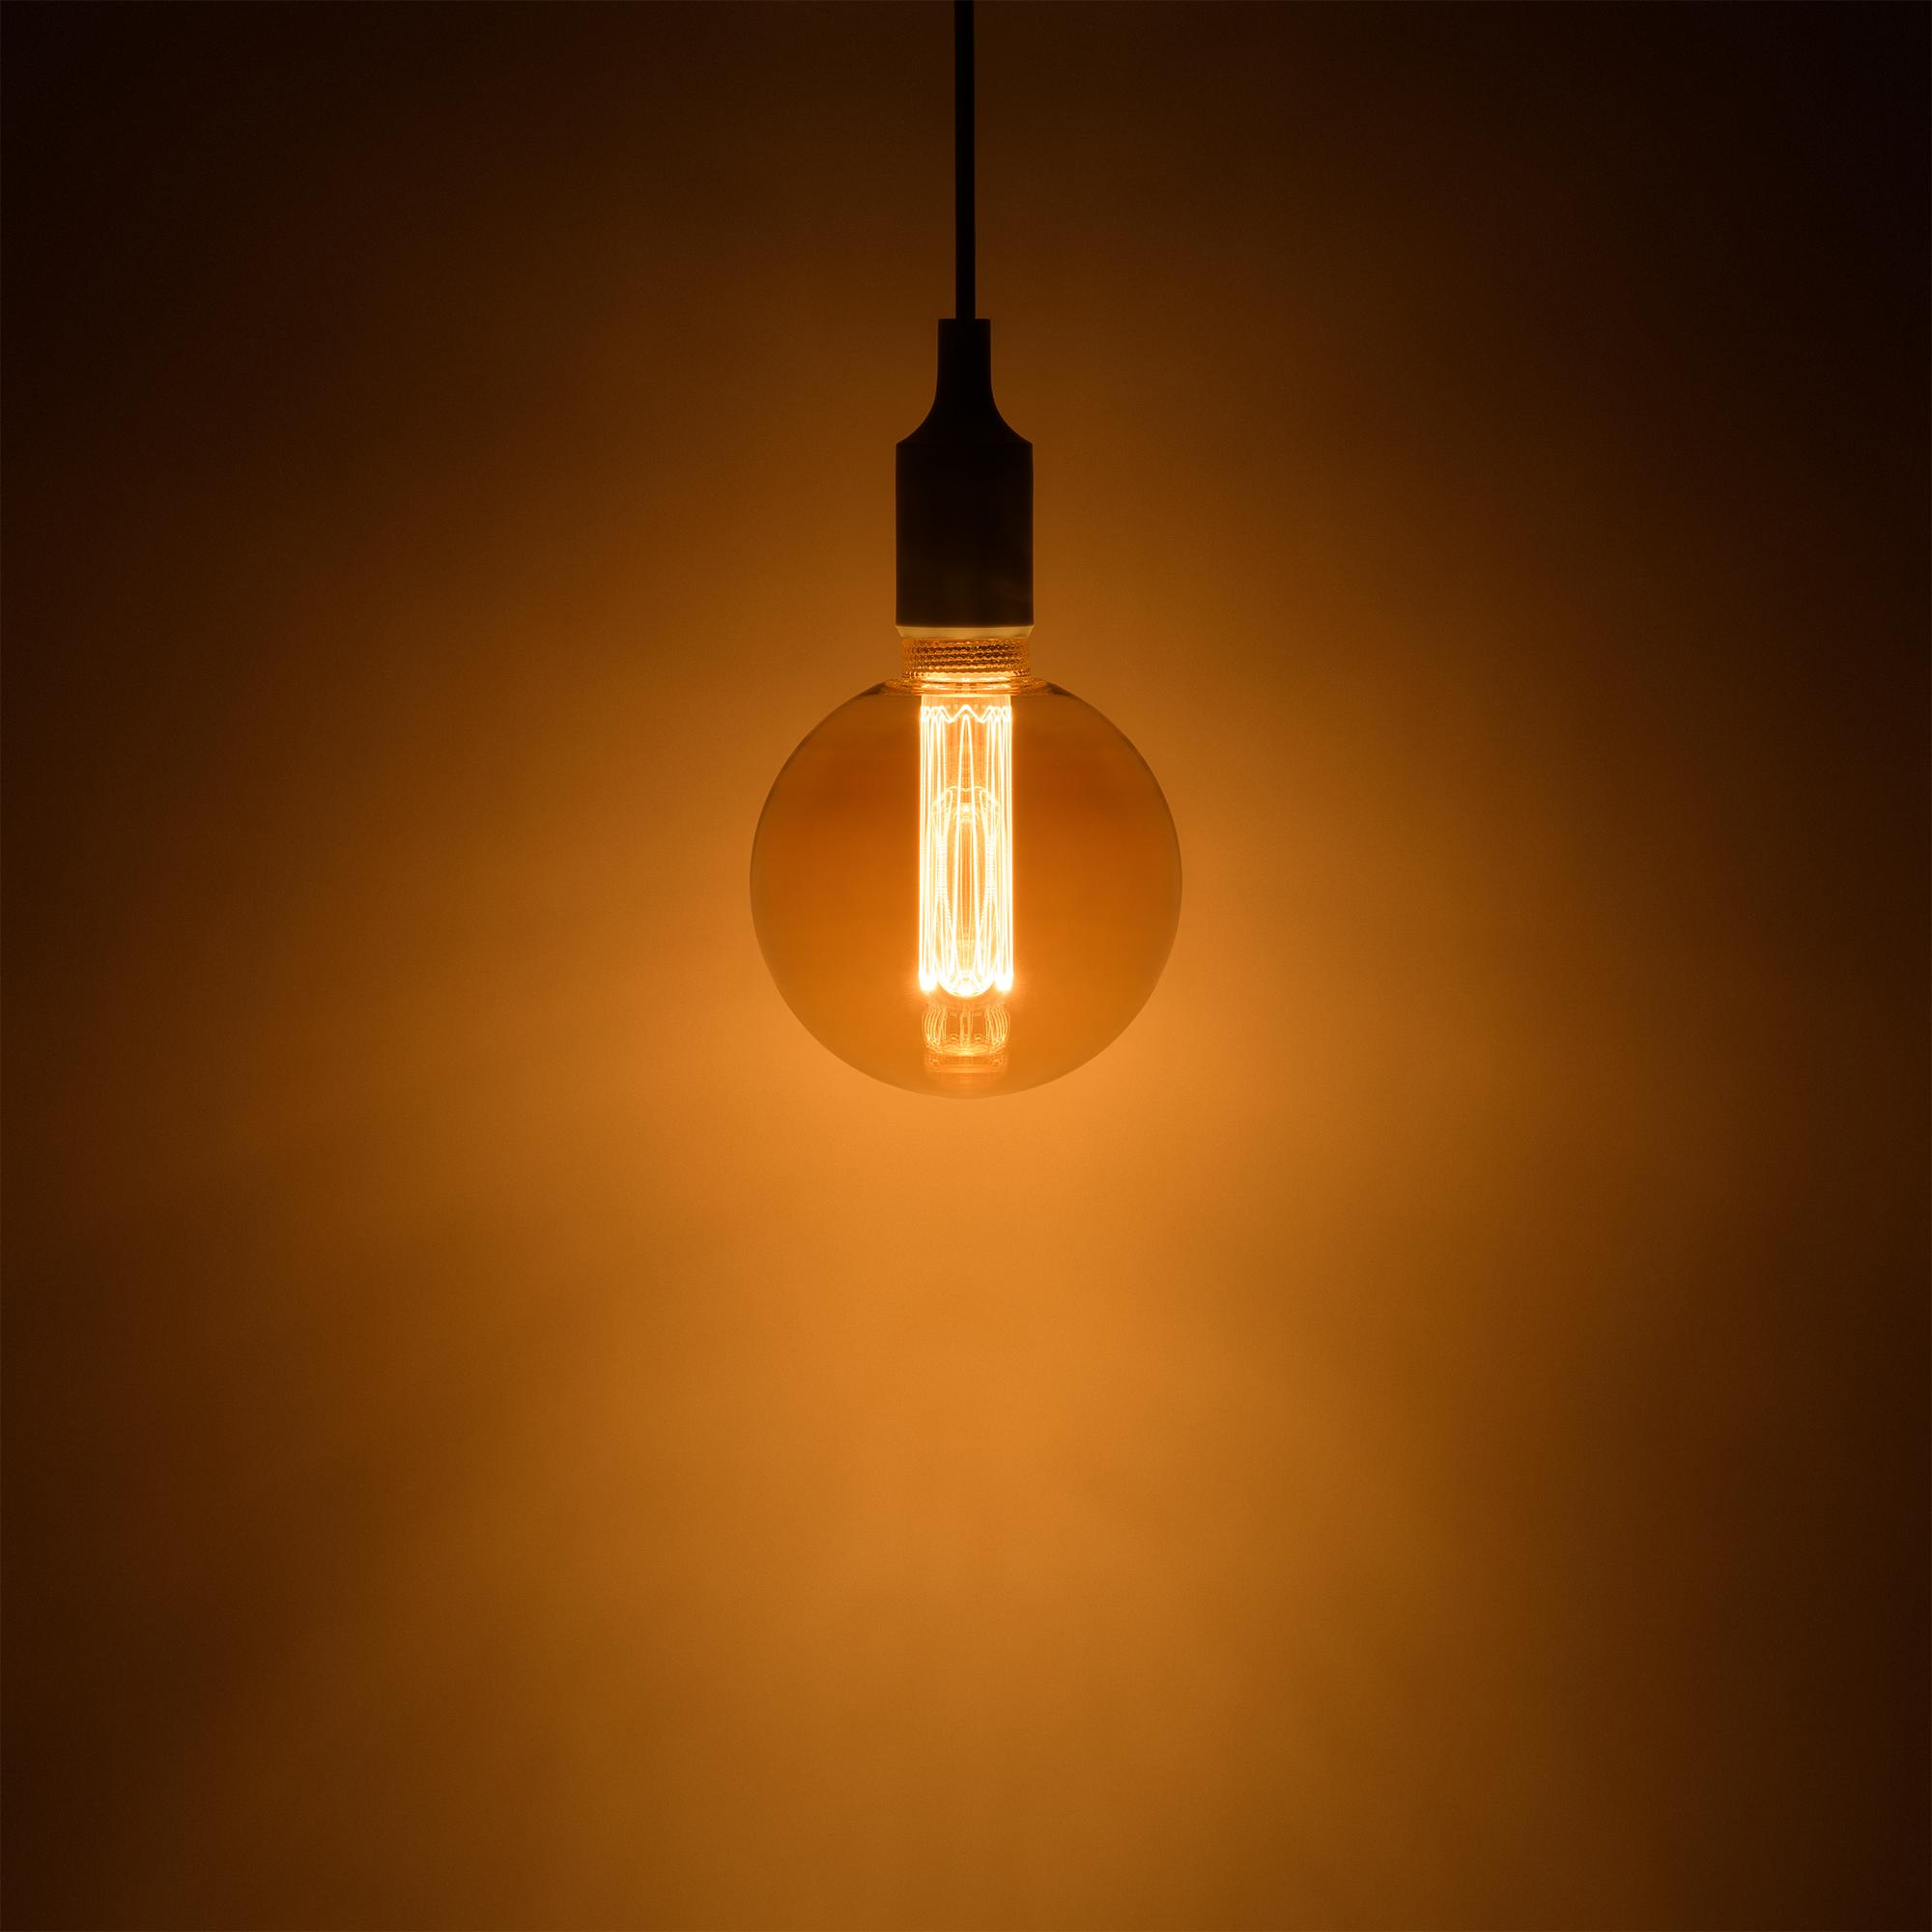 Лампа светодиодная филаментная Gauss Vintage G125 E27 230 В 4 Вт шар 220 лм свет янтарный